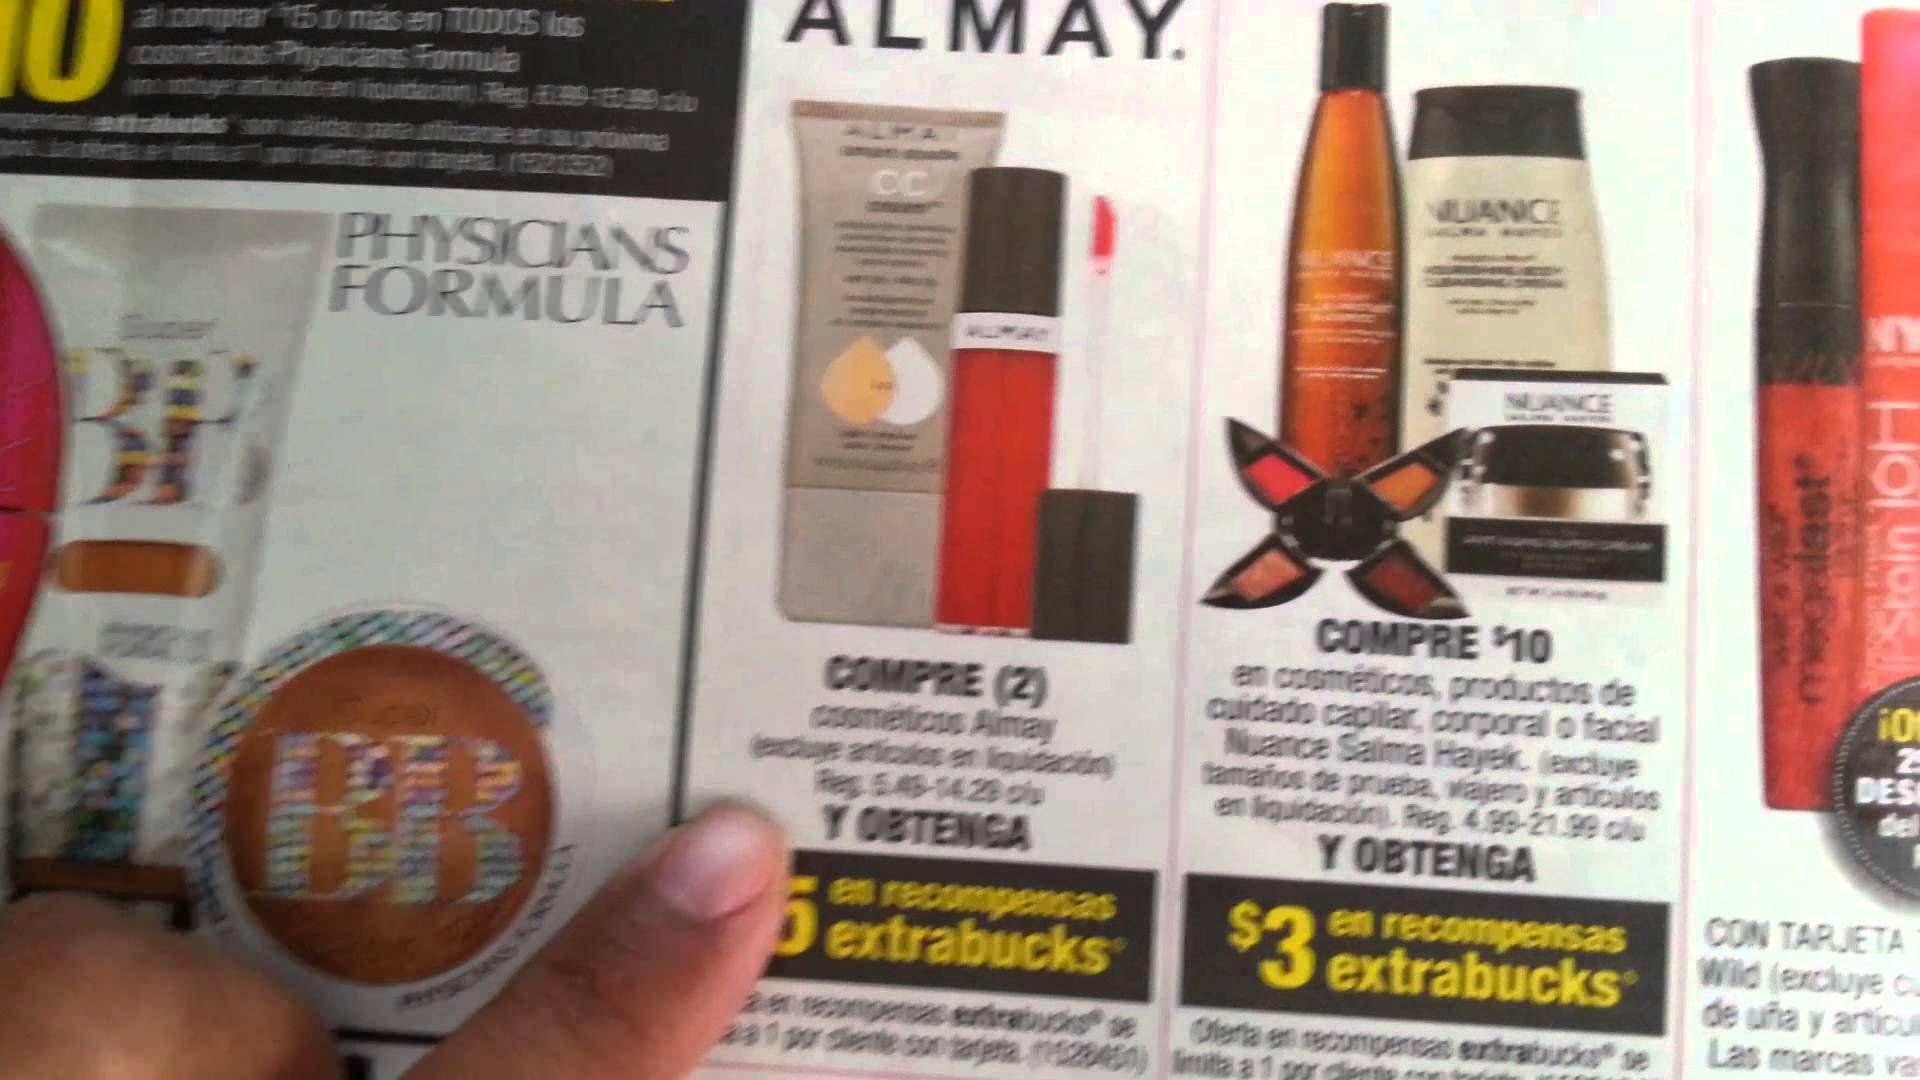 Escenarios de compras sugeridas 22/1224/12 (With images